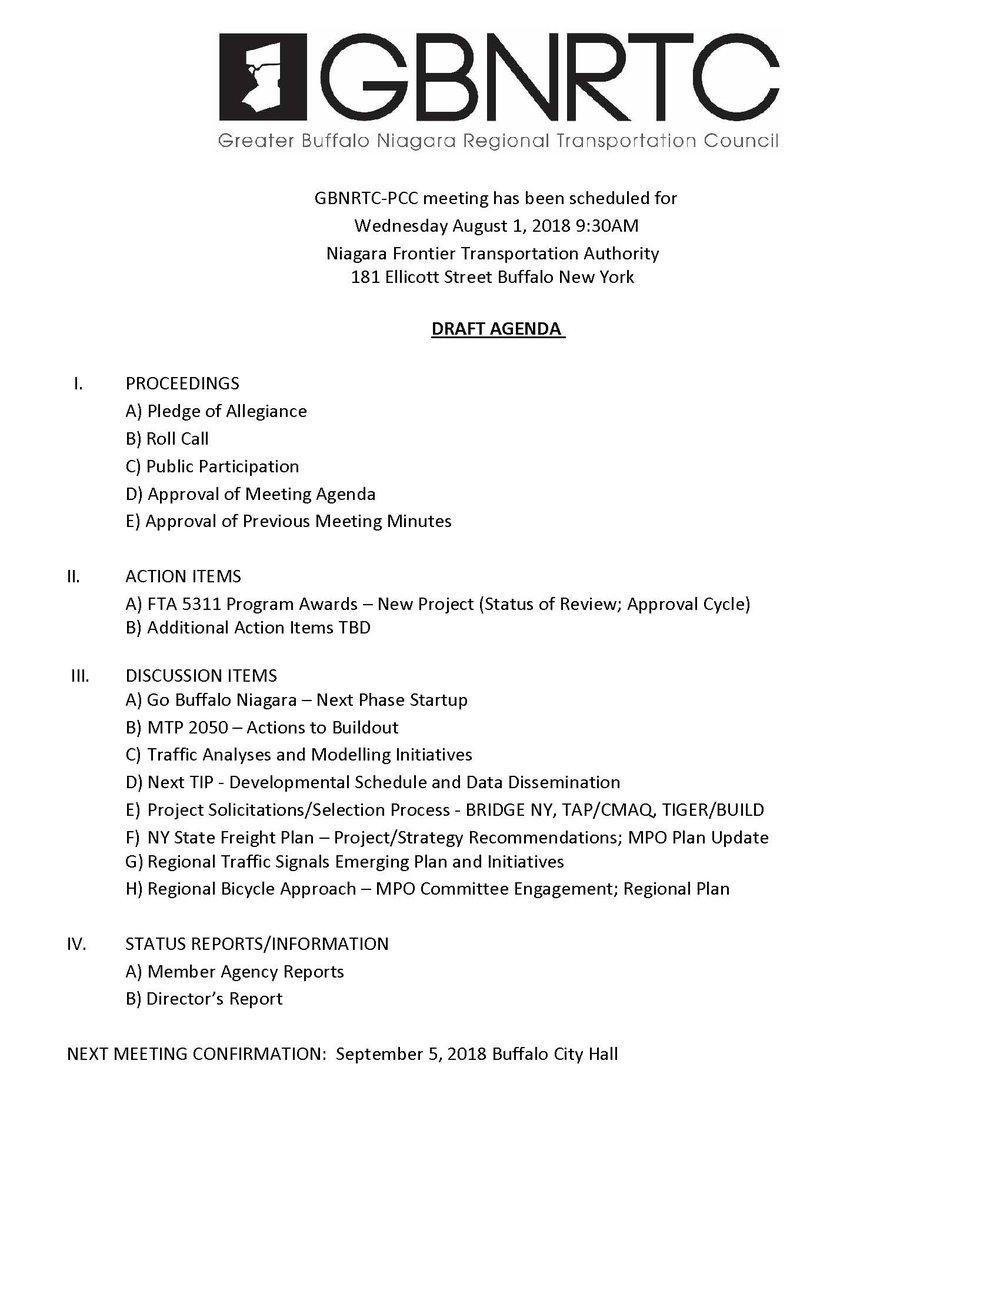 PCC Agenda-8-1-2018